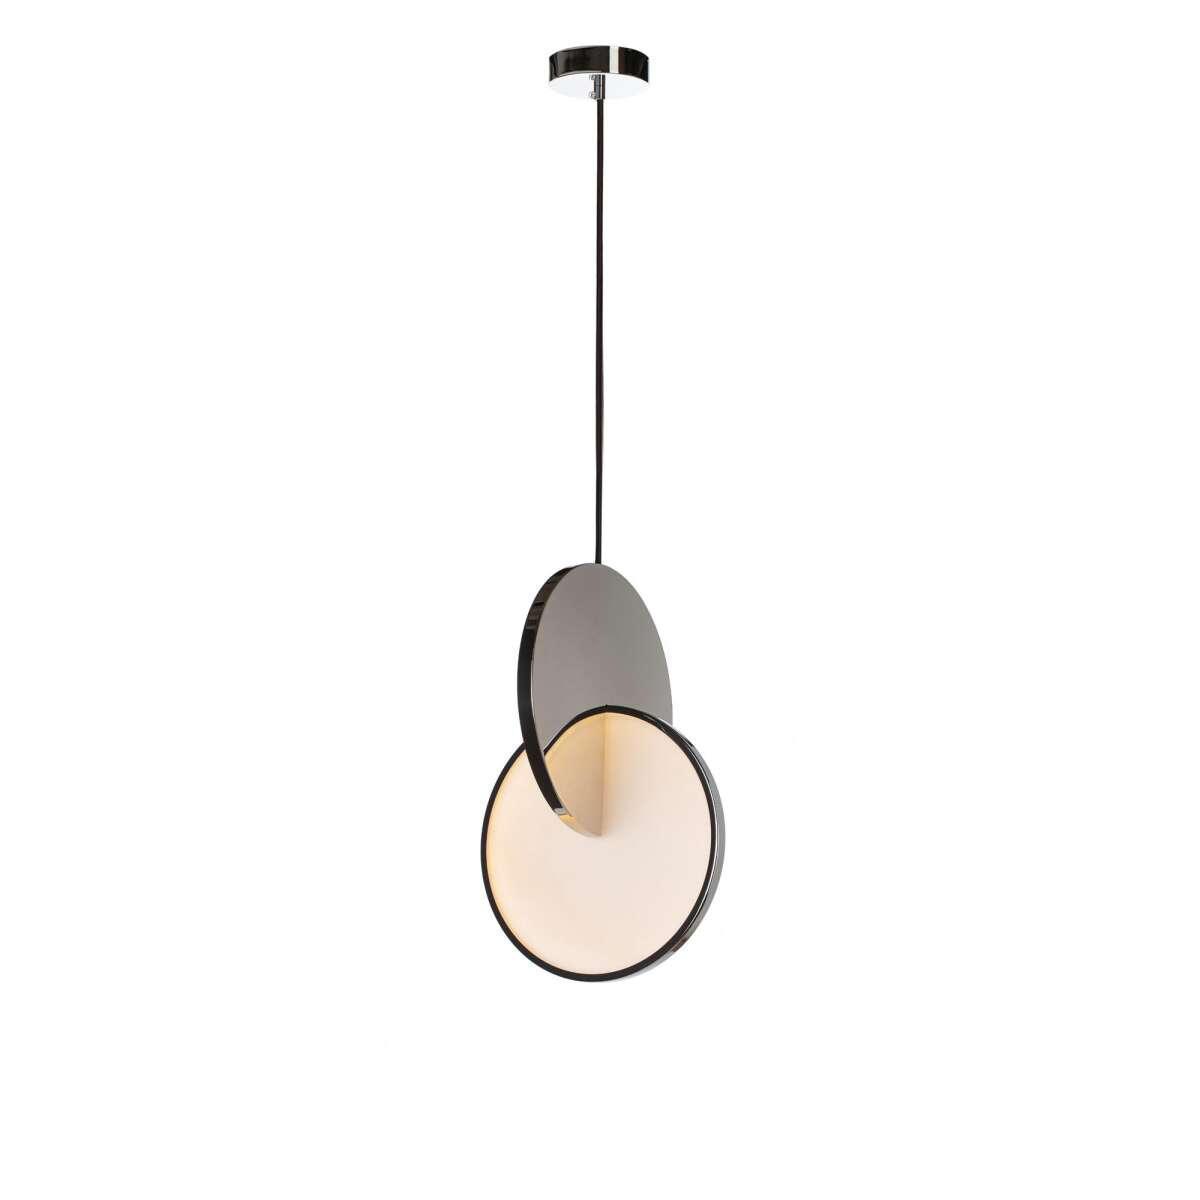 Подвесной светодиодный светильник Loft It Eclipse 9970P, LED 22W, хром, хром с белым, металл, металл с пластиком - фото 2